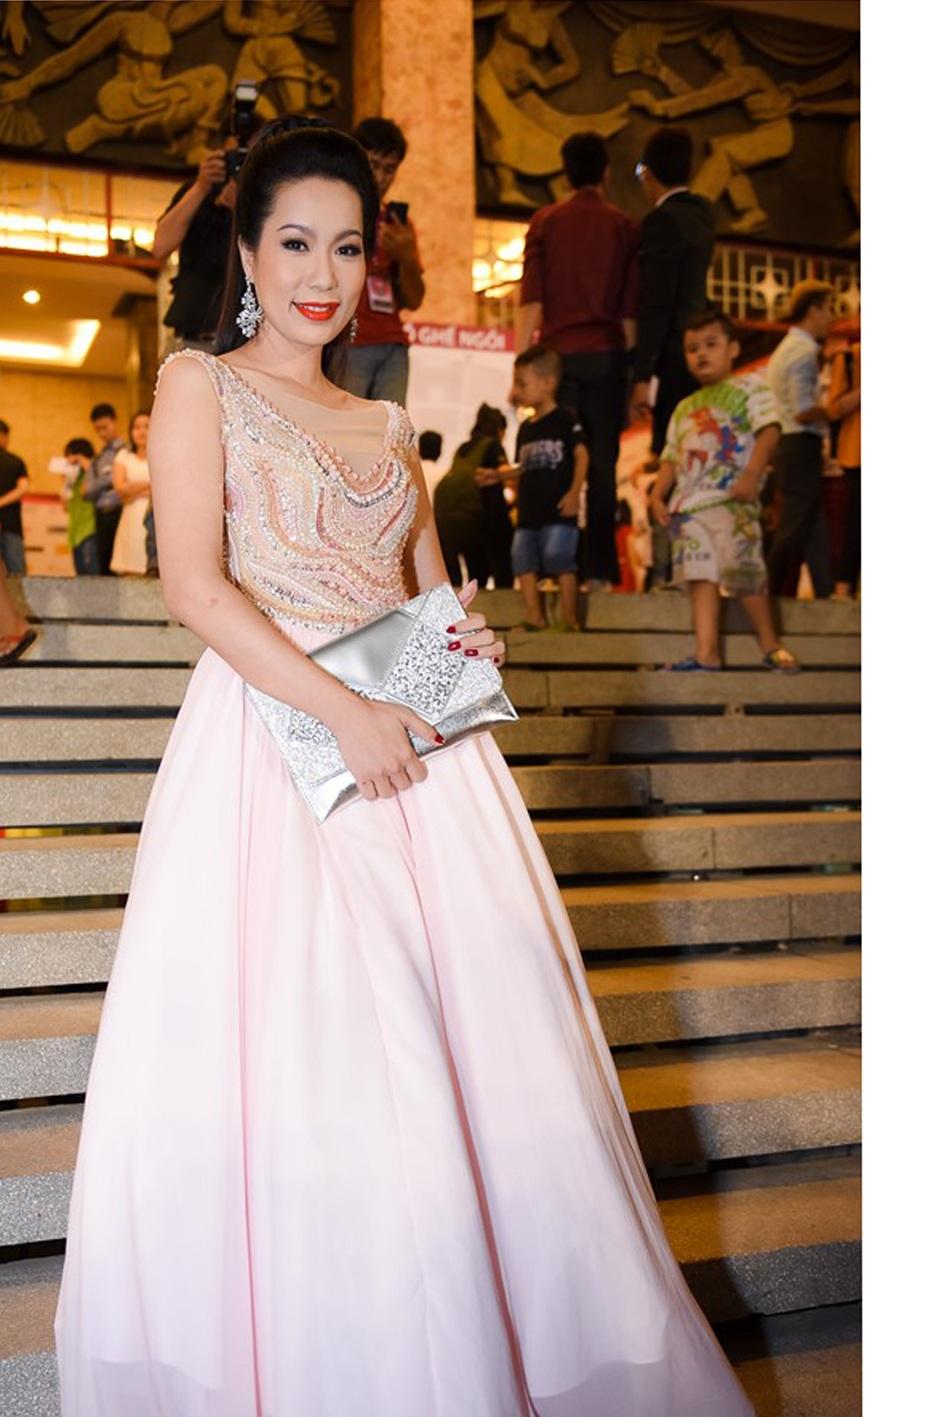 Cùng ngồi trên ghế nóng với hoa hậu Đặng Thu Thảo là á hậu Việt Nam 2014 Trịnh Kim Chi